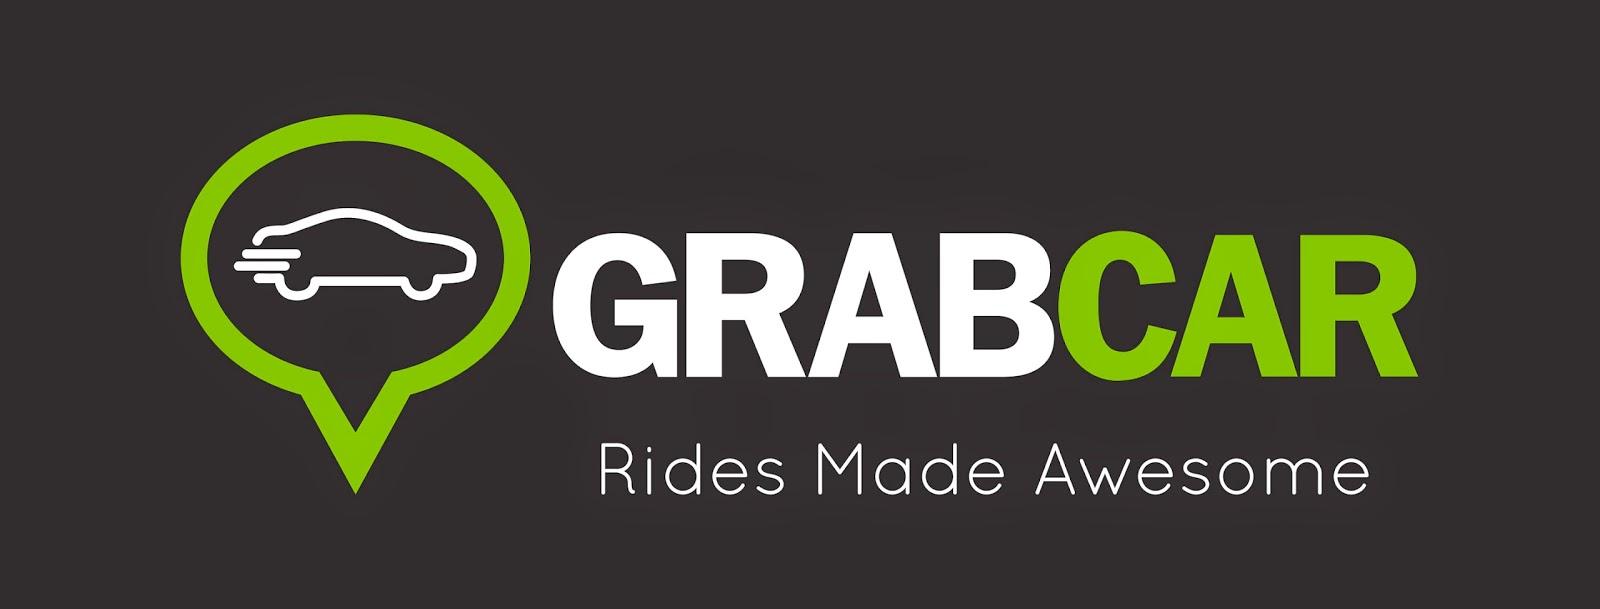 On-Board A GrabCar